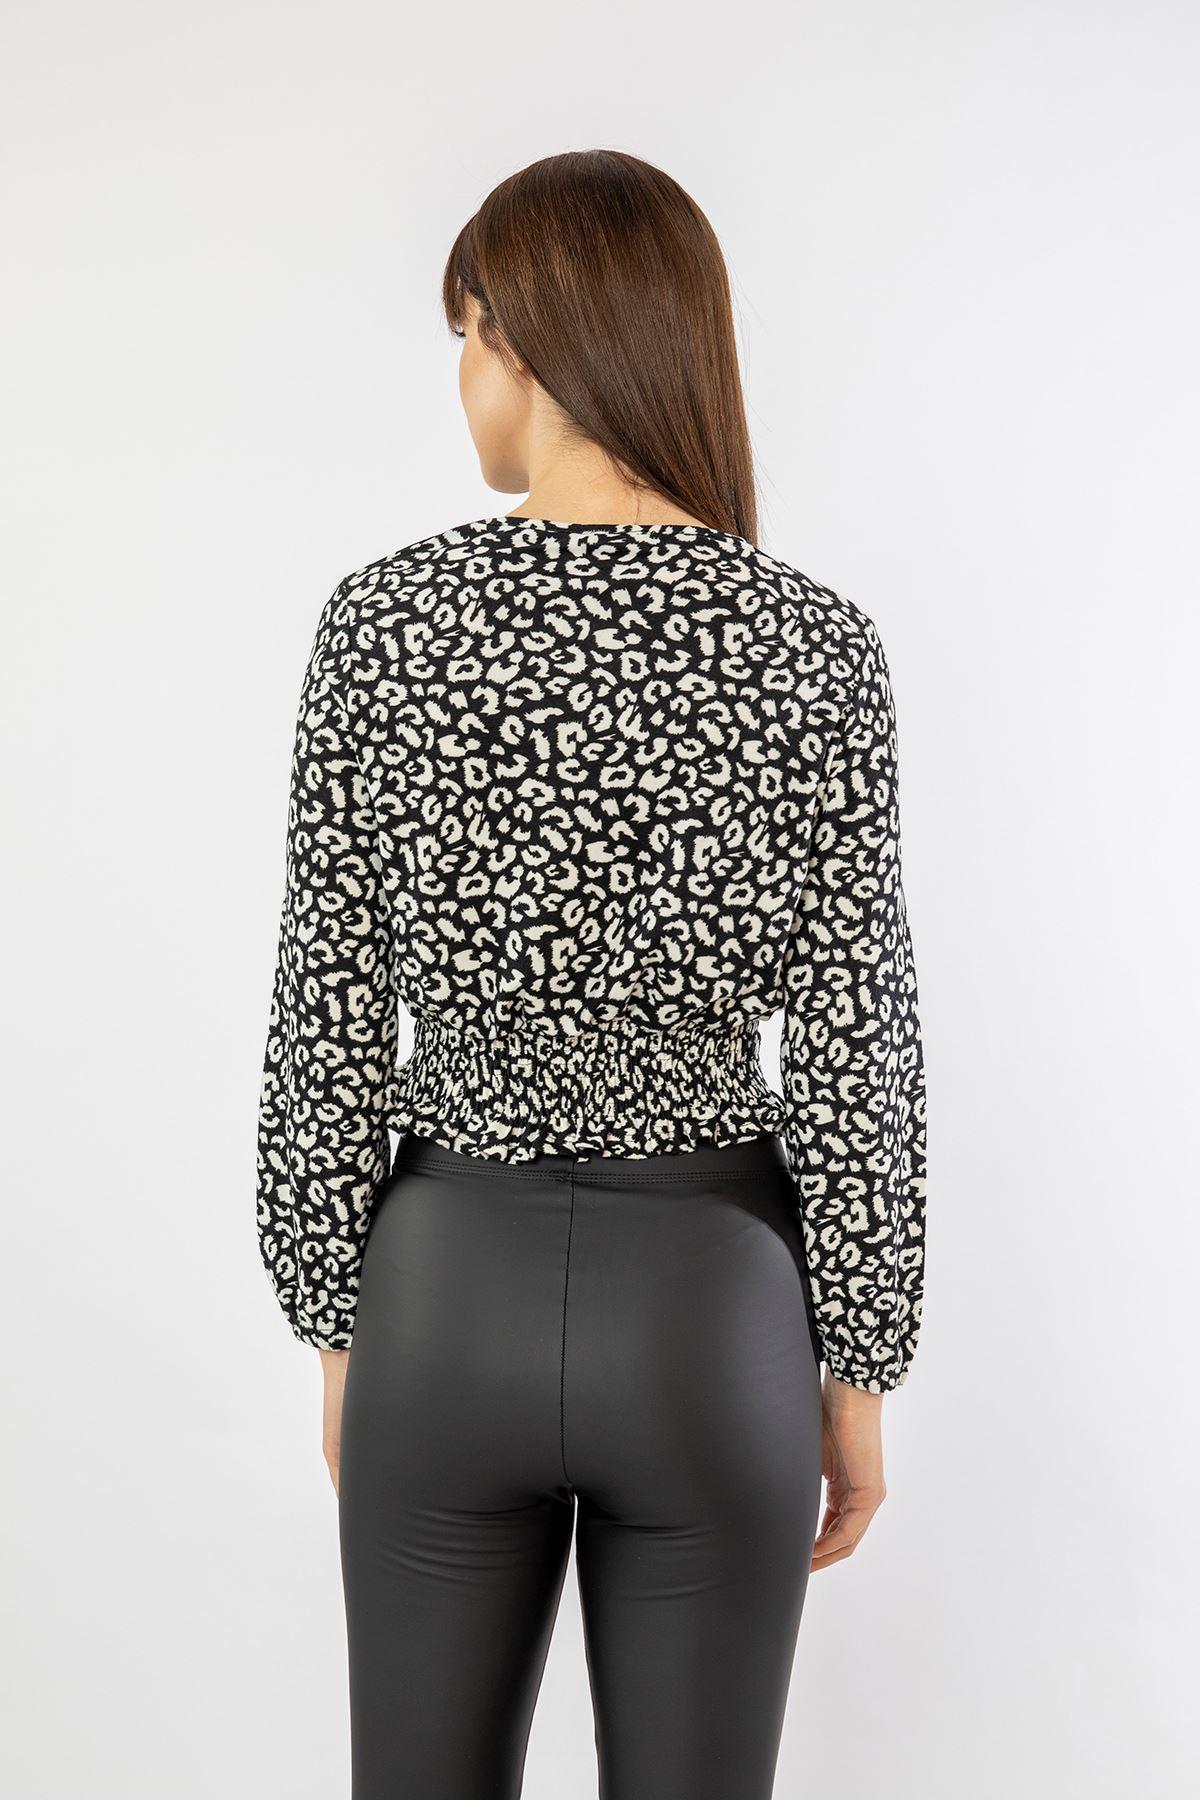 Gipeli Bağcıklı Leopar Bluz-Siyah